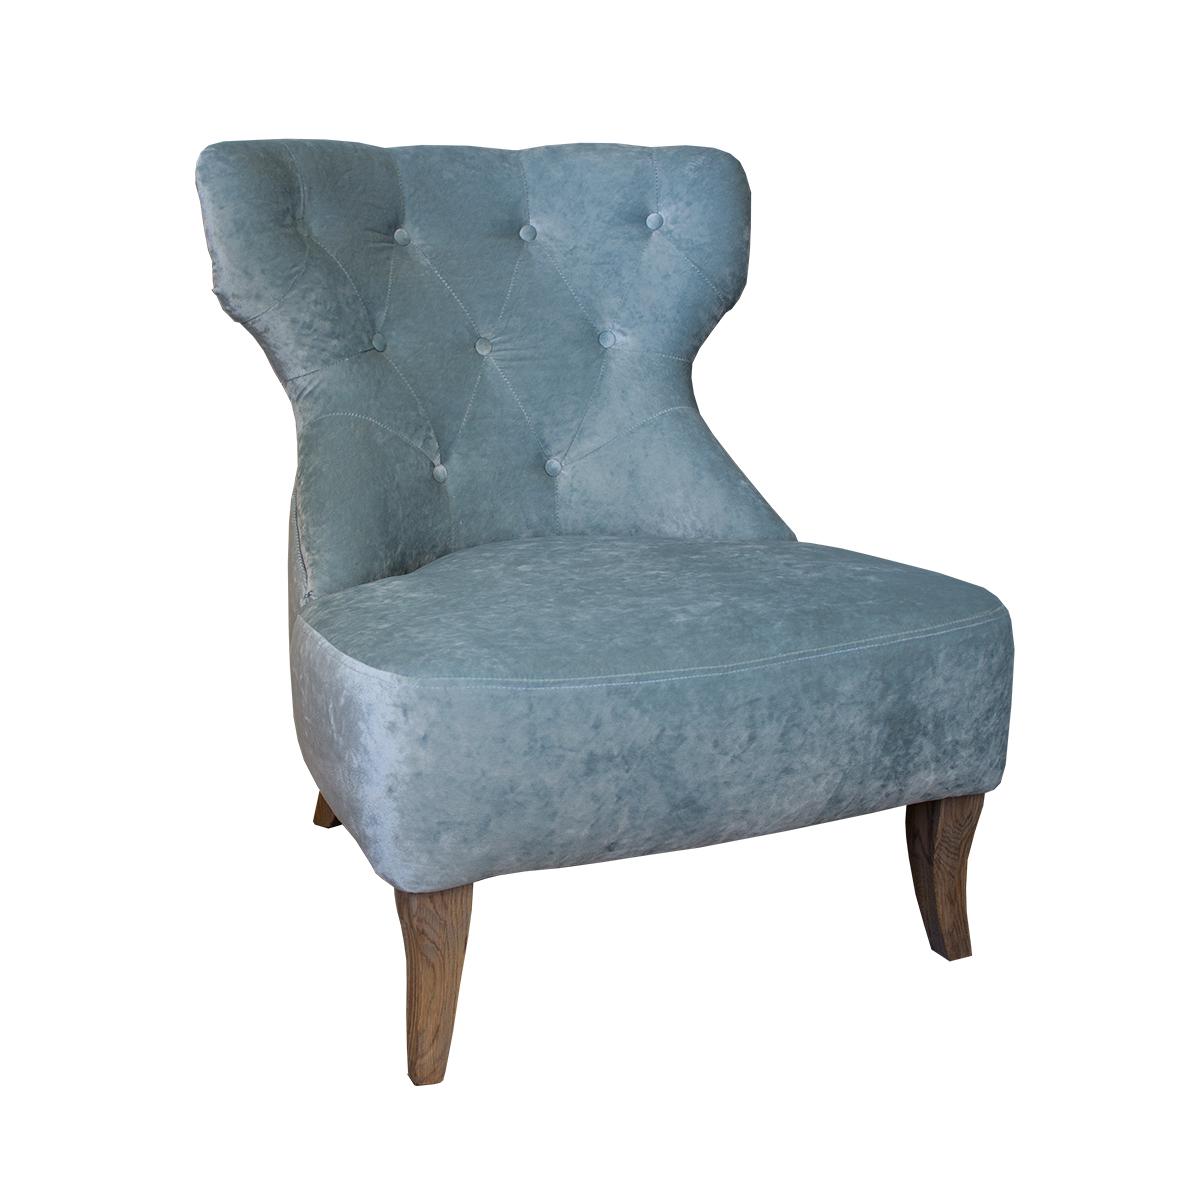 sessel mons mit einer vornehmen knopfheftung im r cken. Black Bedroom Furniture Sets. Home Design Ideas